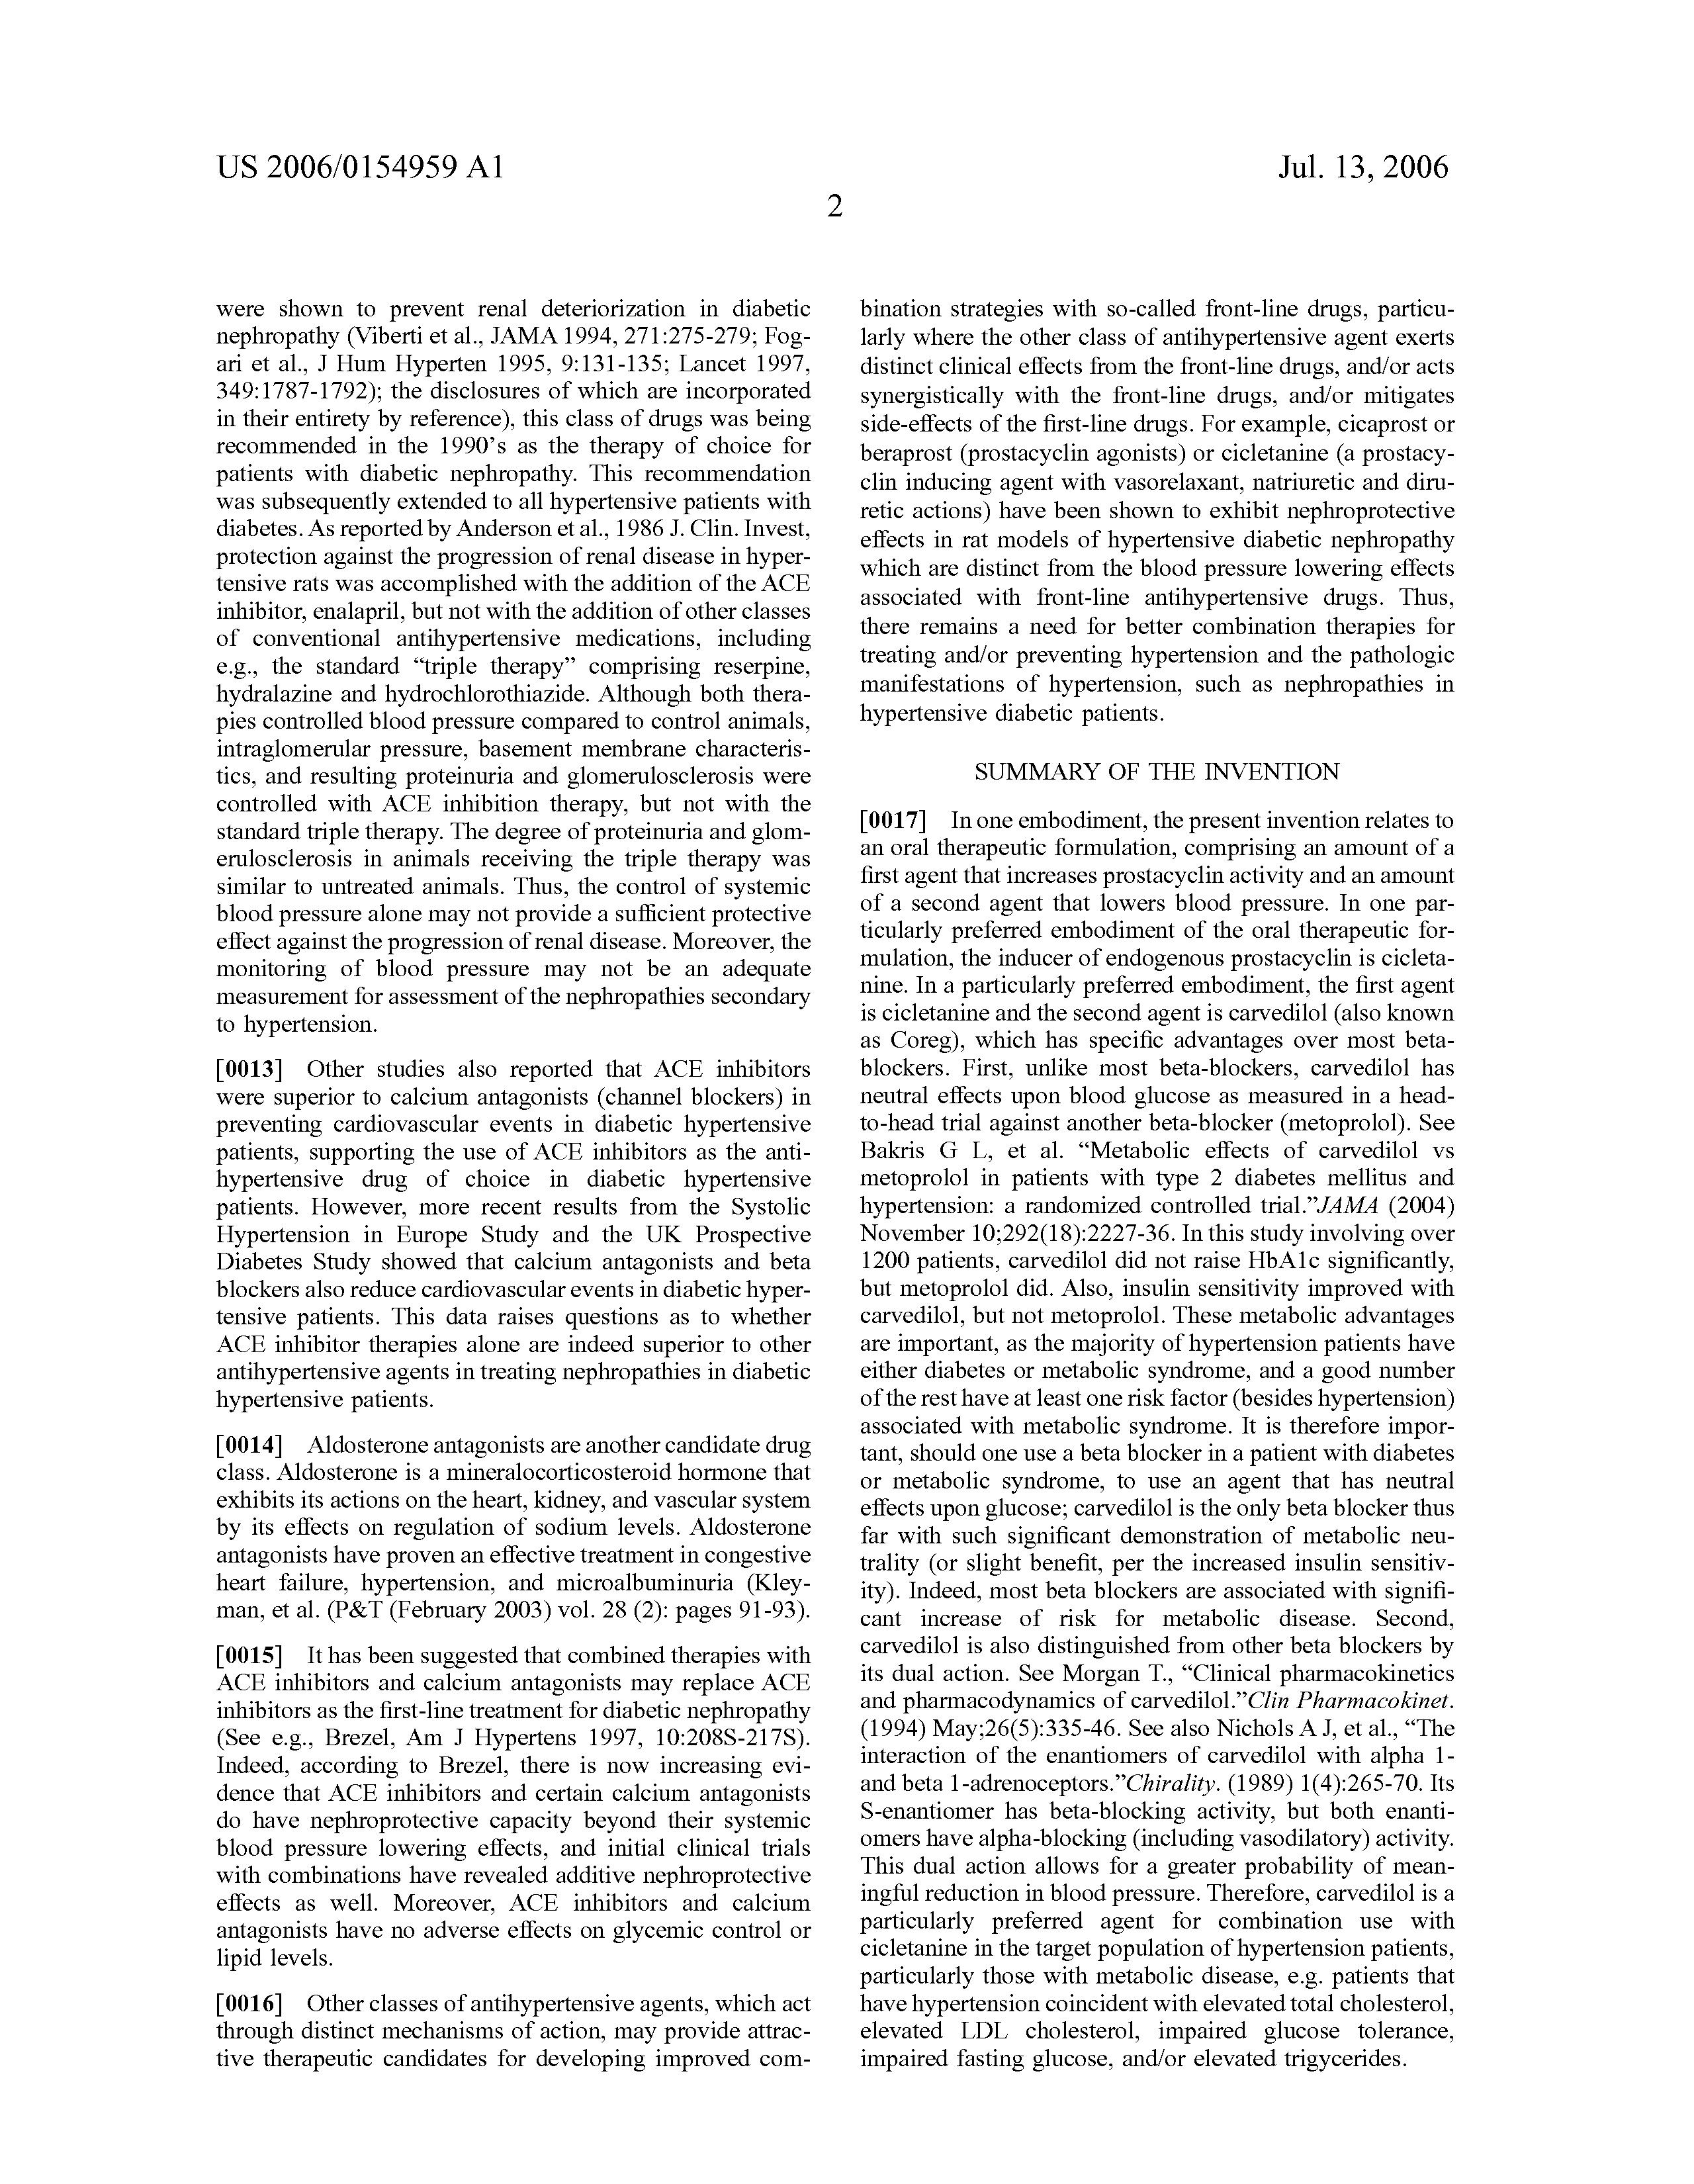 Coreg 100 mg.doc - Patent Drawing